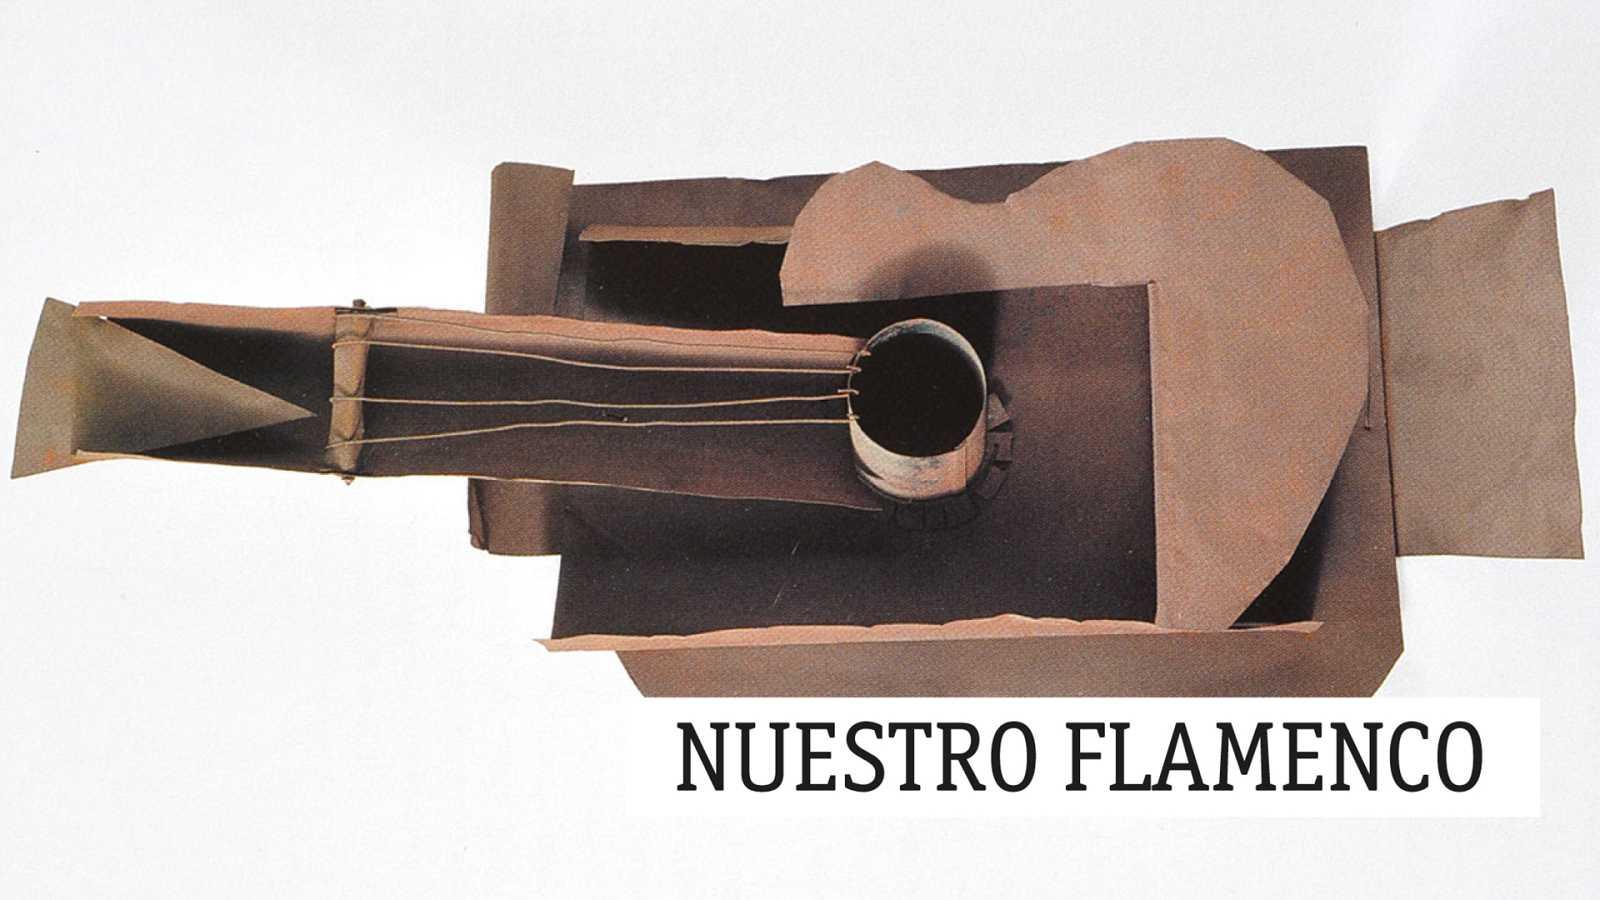 Nuestro Flamenco - La esencia de Rycardo Moreno - 15/12/20 - escuchar ahora